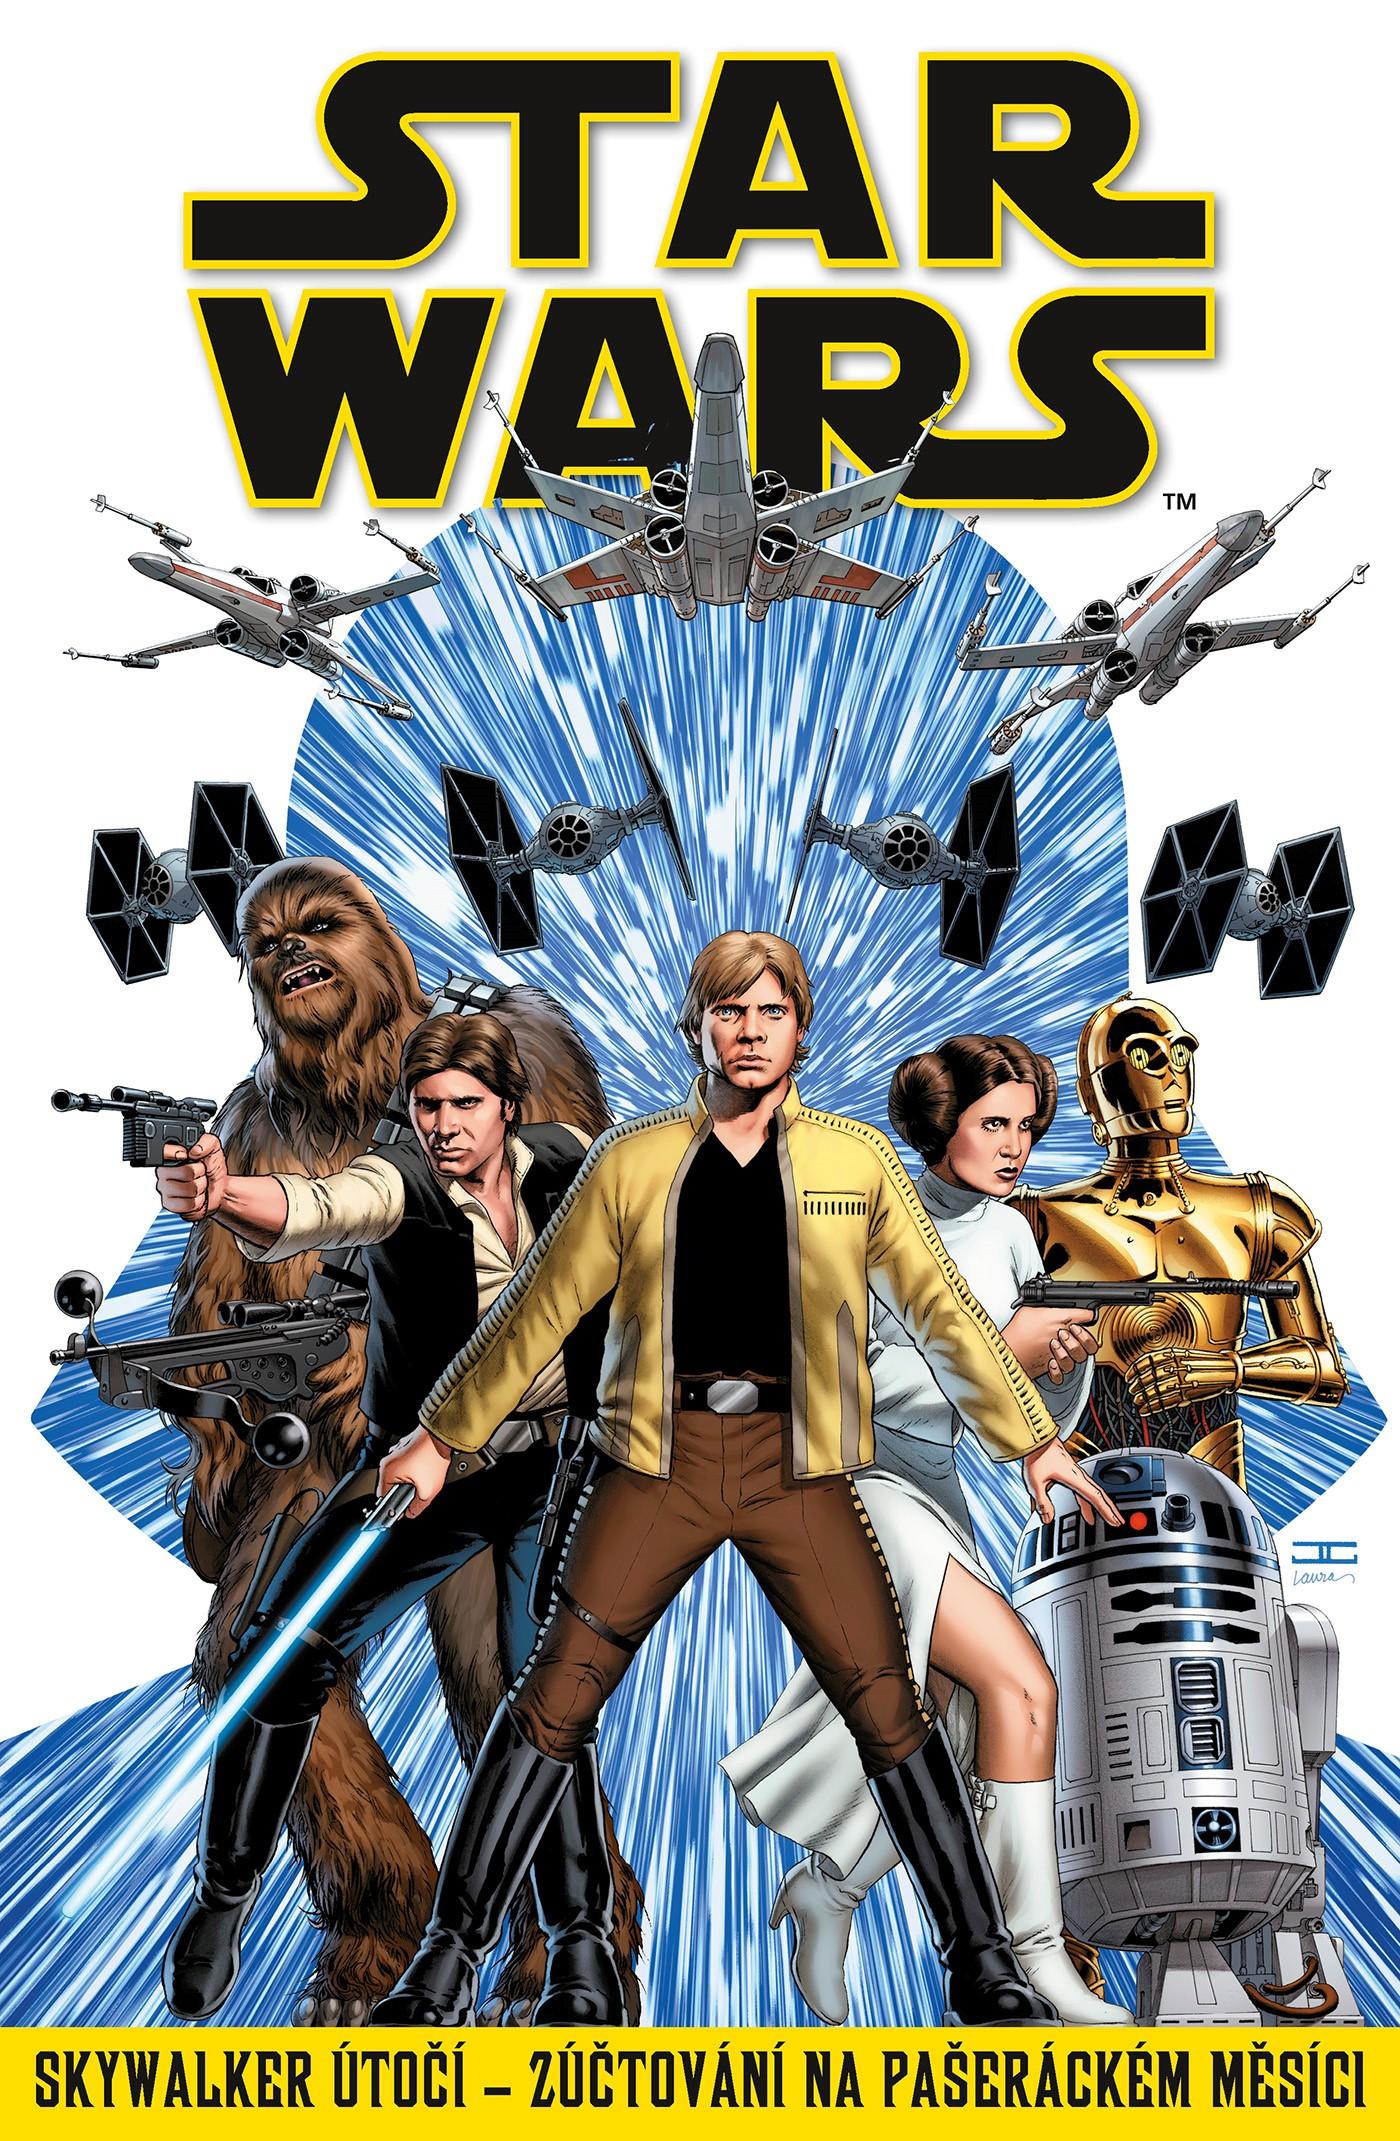 Star Wars - Skywalker útočí - Zúčtování na pašeráckém měsíci